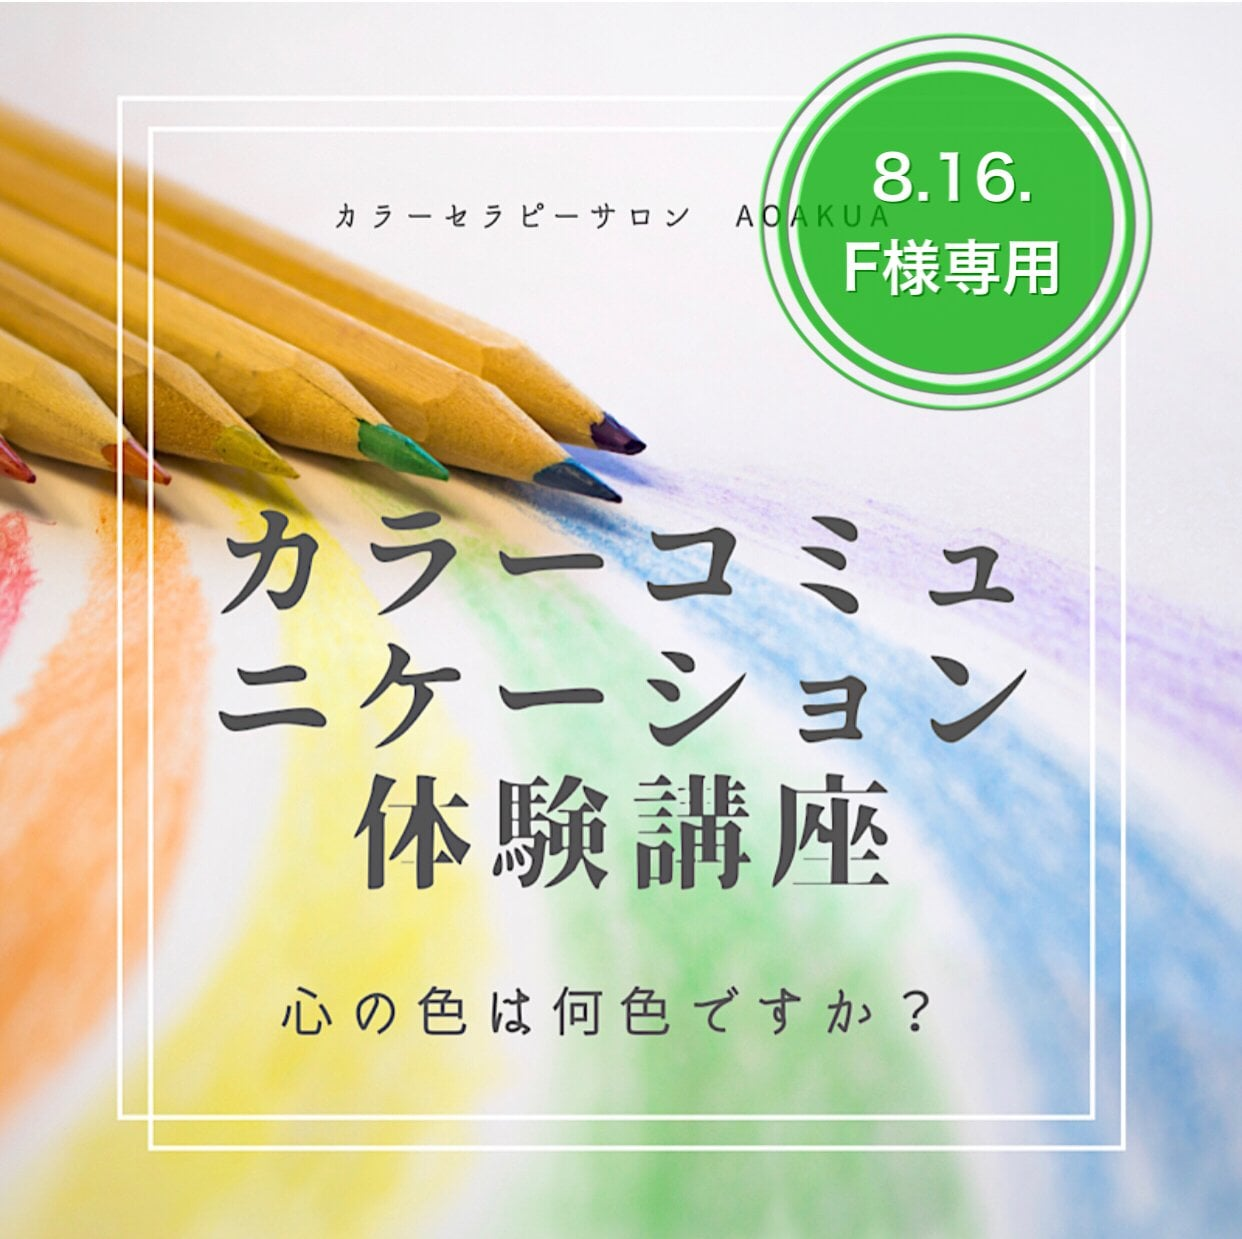 F様専用 カラーコミュニケーション体験 心の色ワークZOOMお茶会のイメージその1